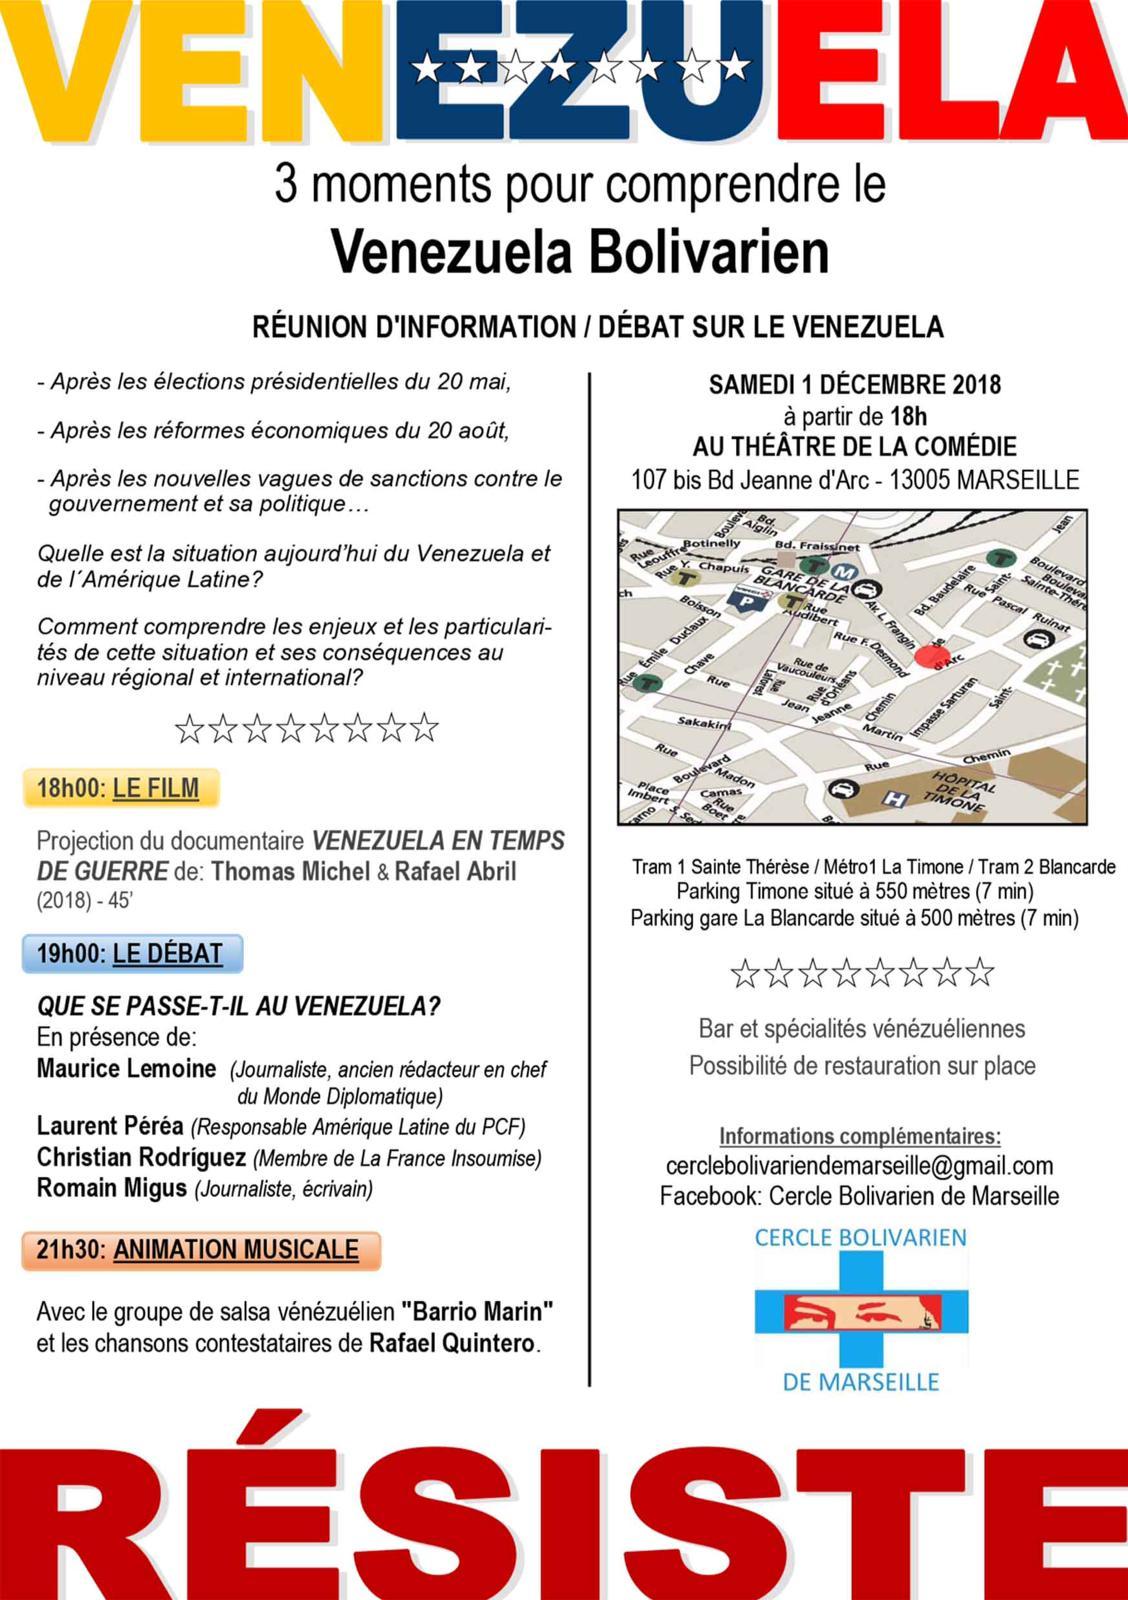 [LE VENEZUELA RÉSISTE] Comprendre le Venezuela bolivarien, rdz-vs à Marseille samedi 1er décembre 2018, 18h